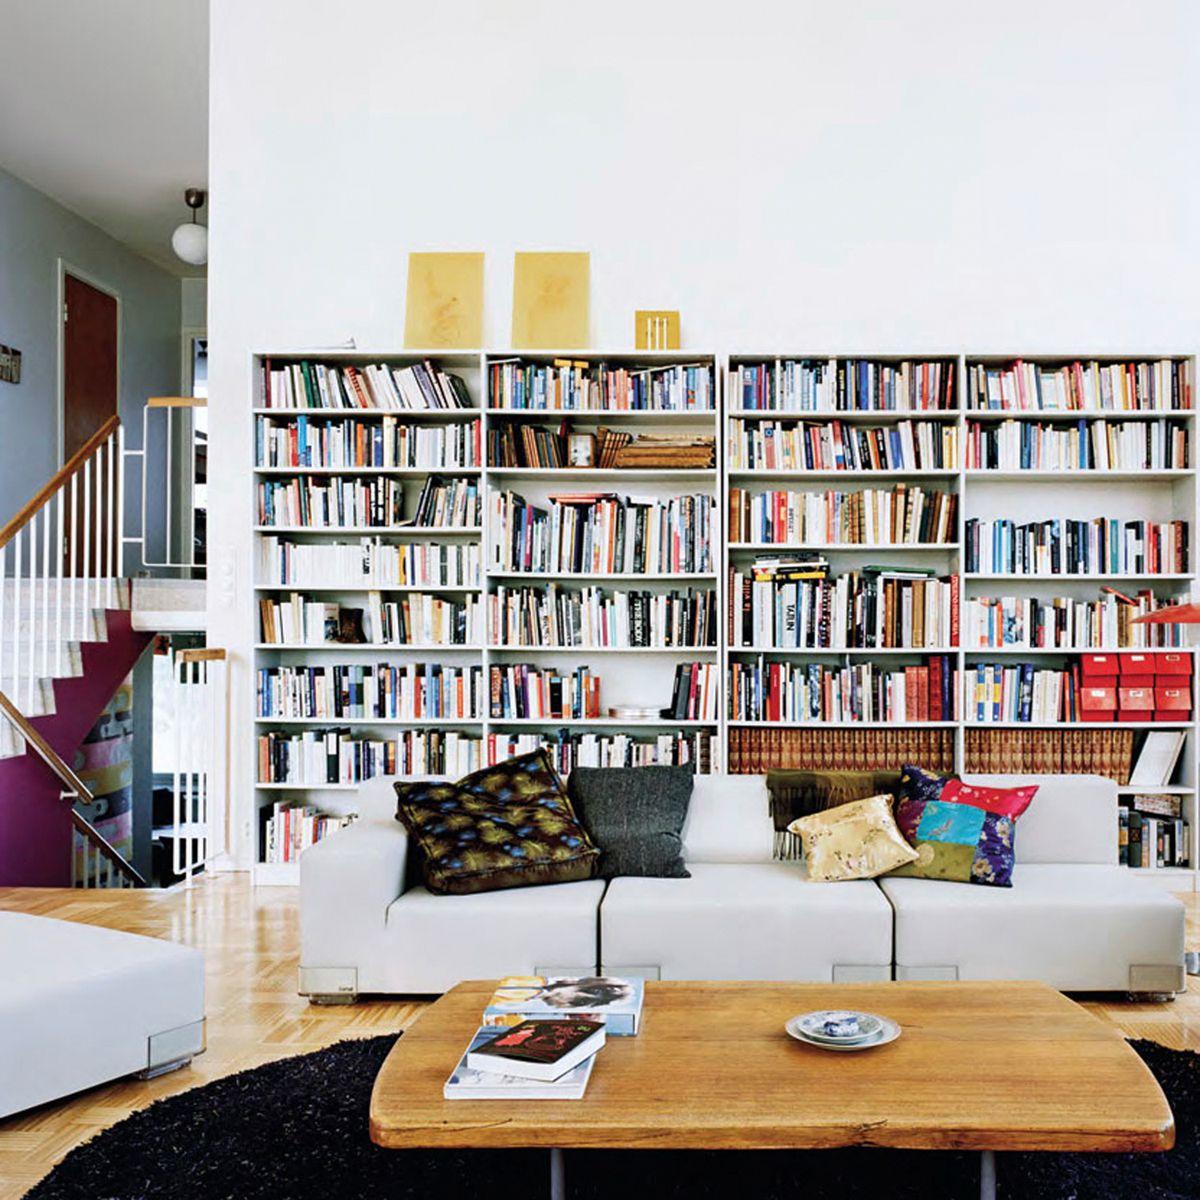 kartell plastics sofa einzelelement ohne r ckenlehne schwarz rh pinterest ca